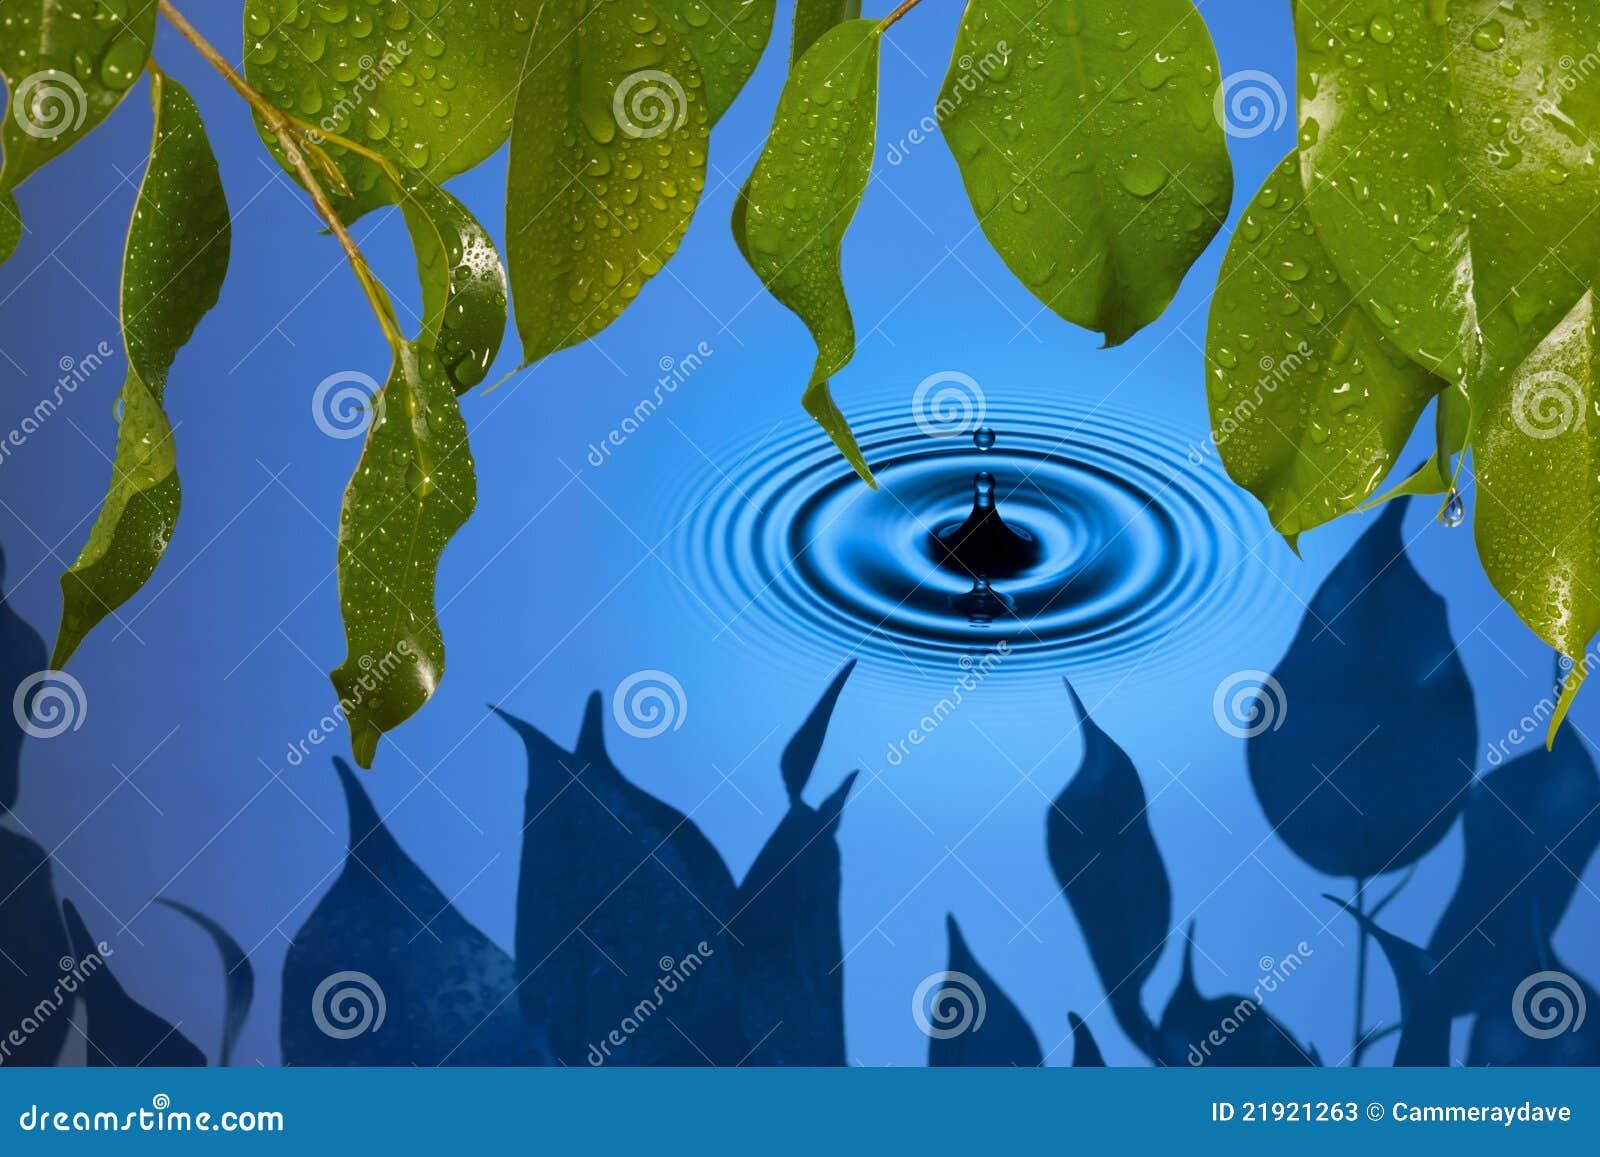 Water Drop Leaves